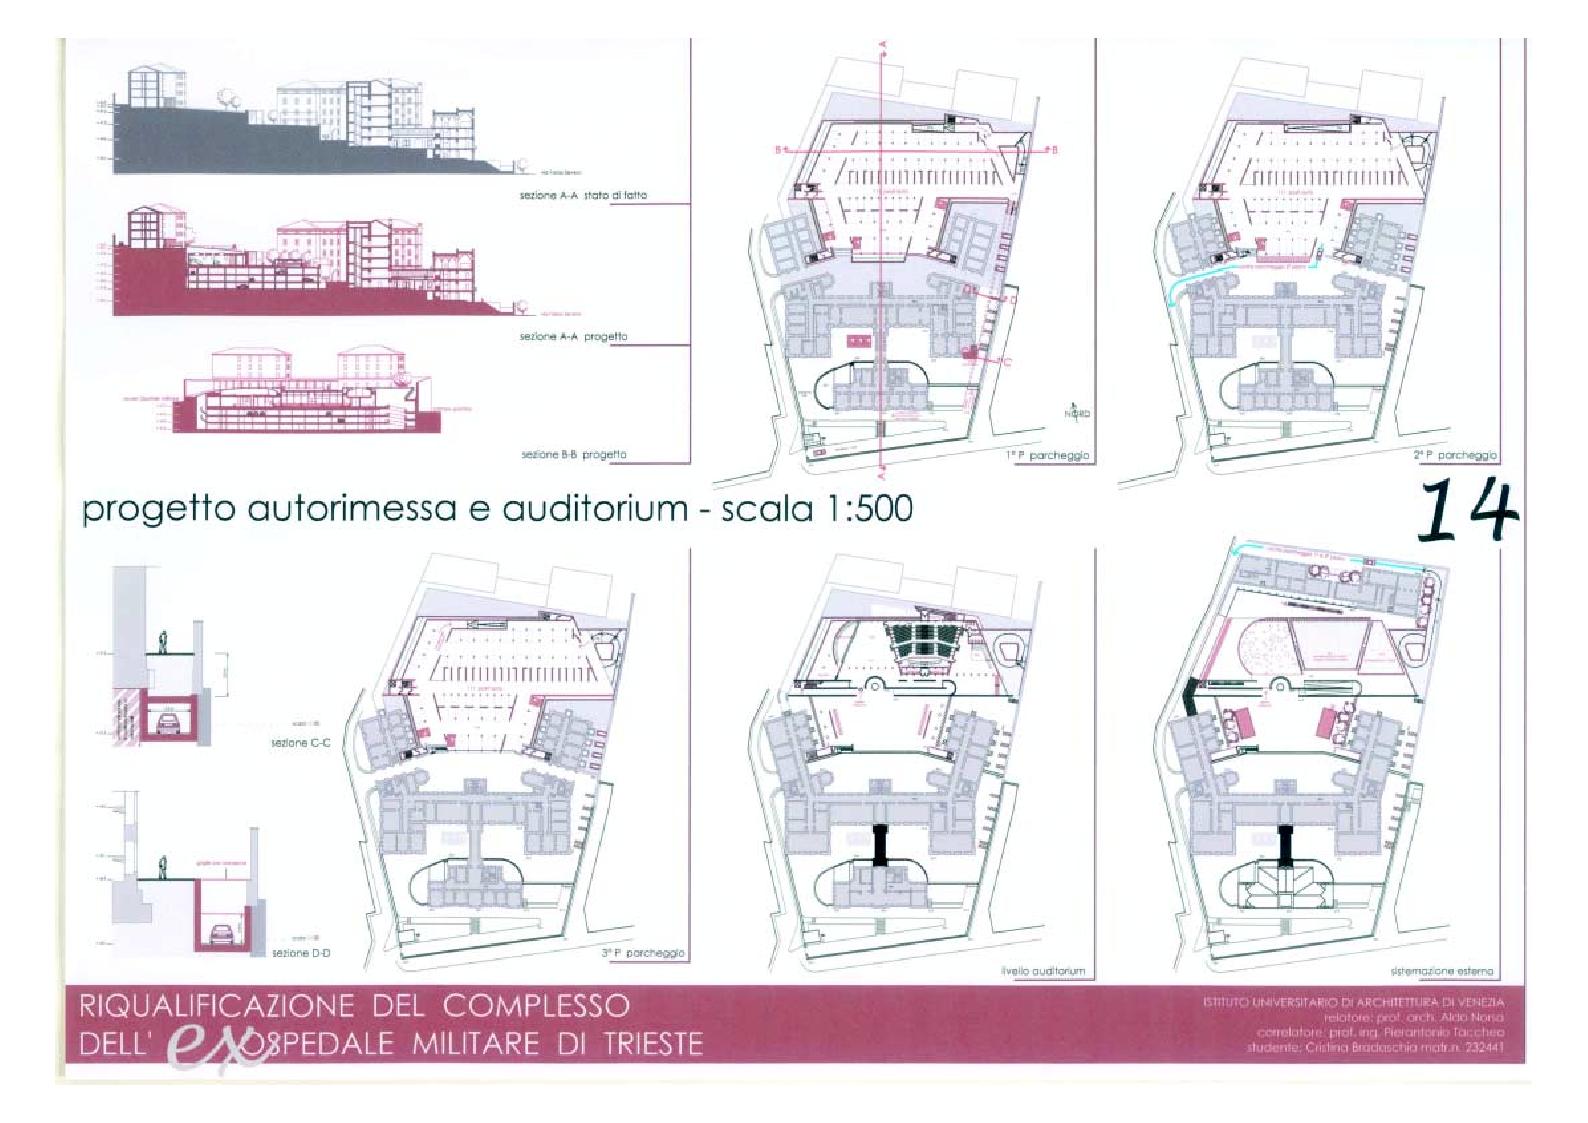 Anteprima della tesi: Riqualificazione del complesso dell'ex ospedale militare di Trieste, Pagina 6